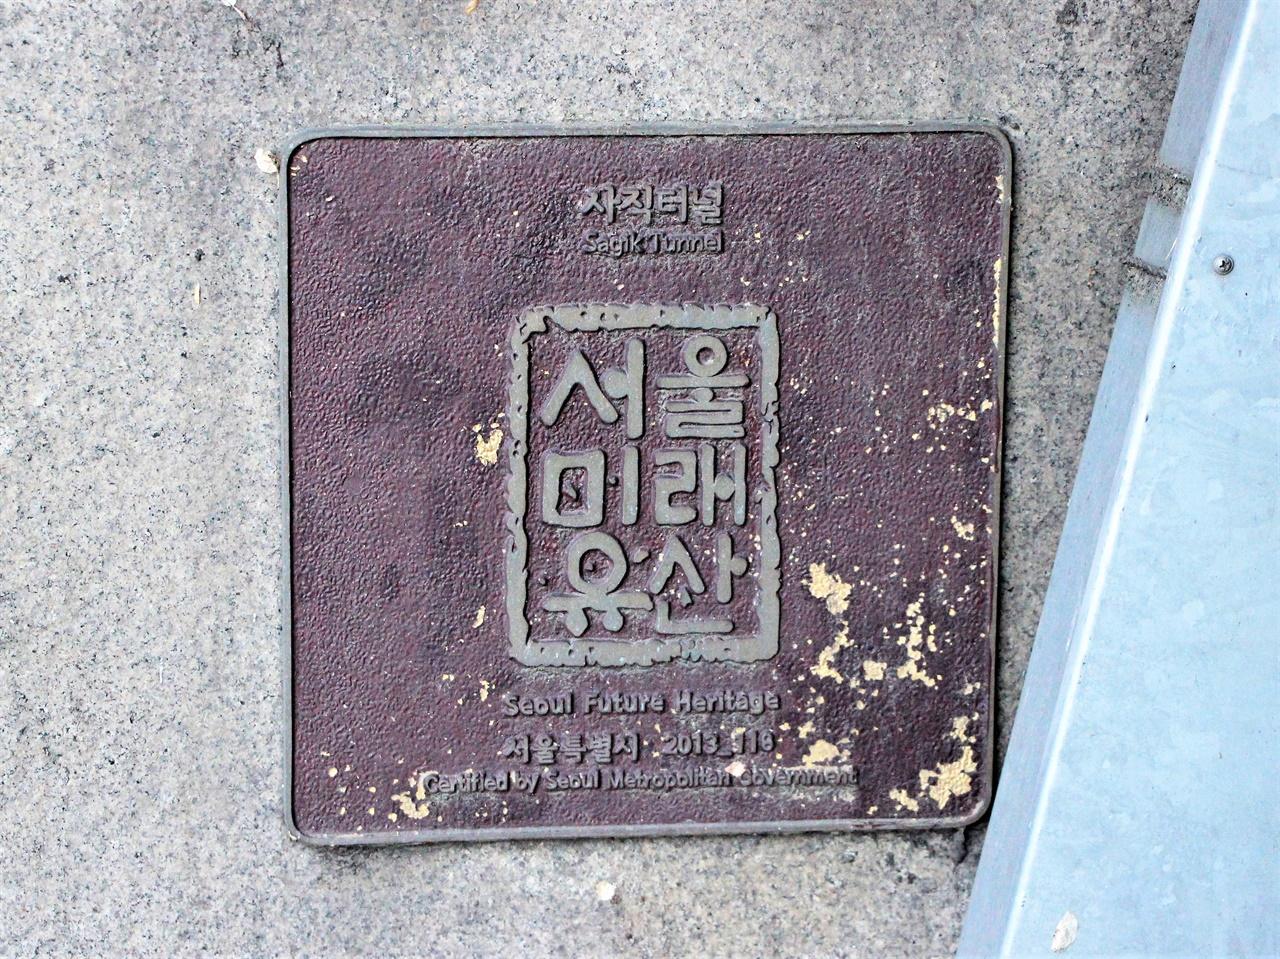 사직터널 입구에 서울미래유산으로 지정되었음을 알리는 동판이 붙어있다.